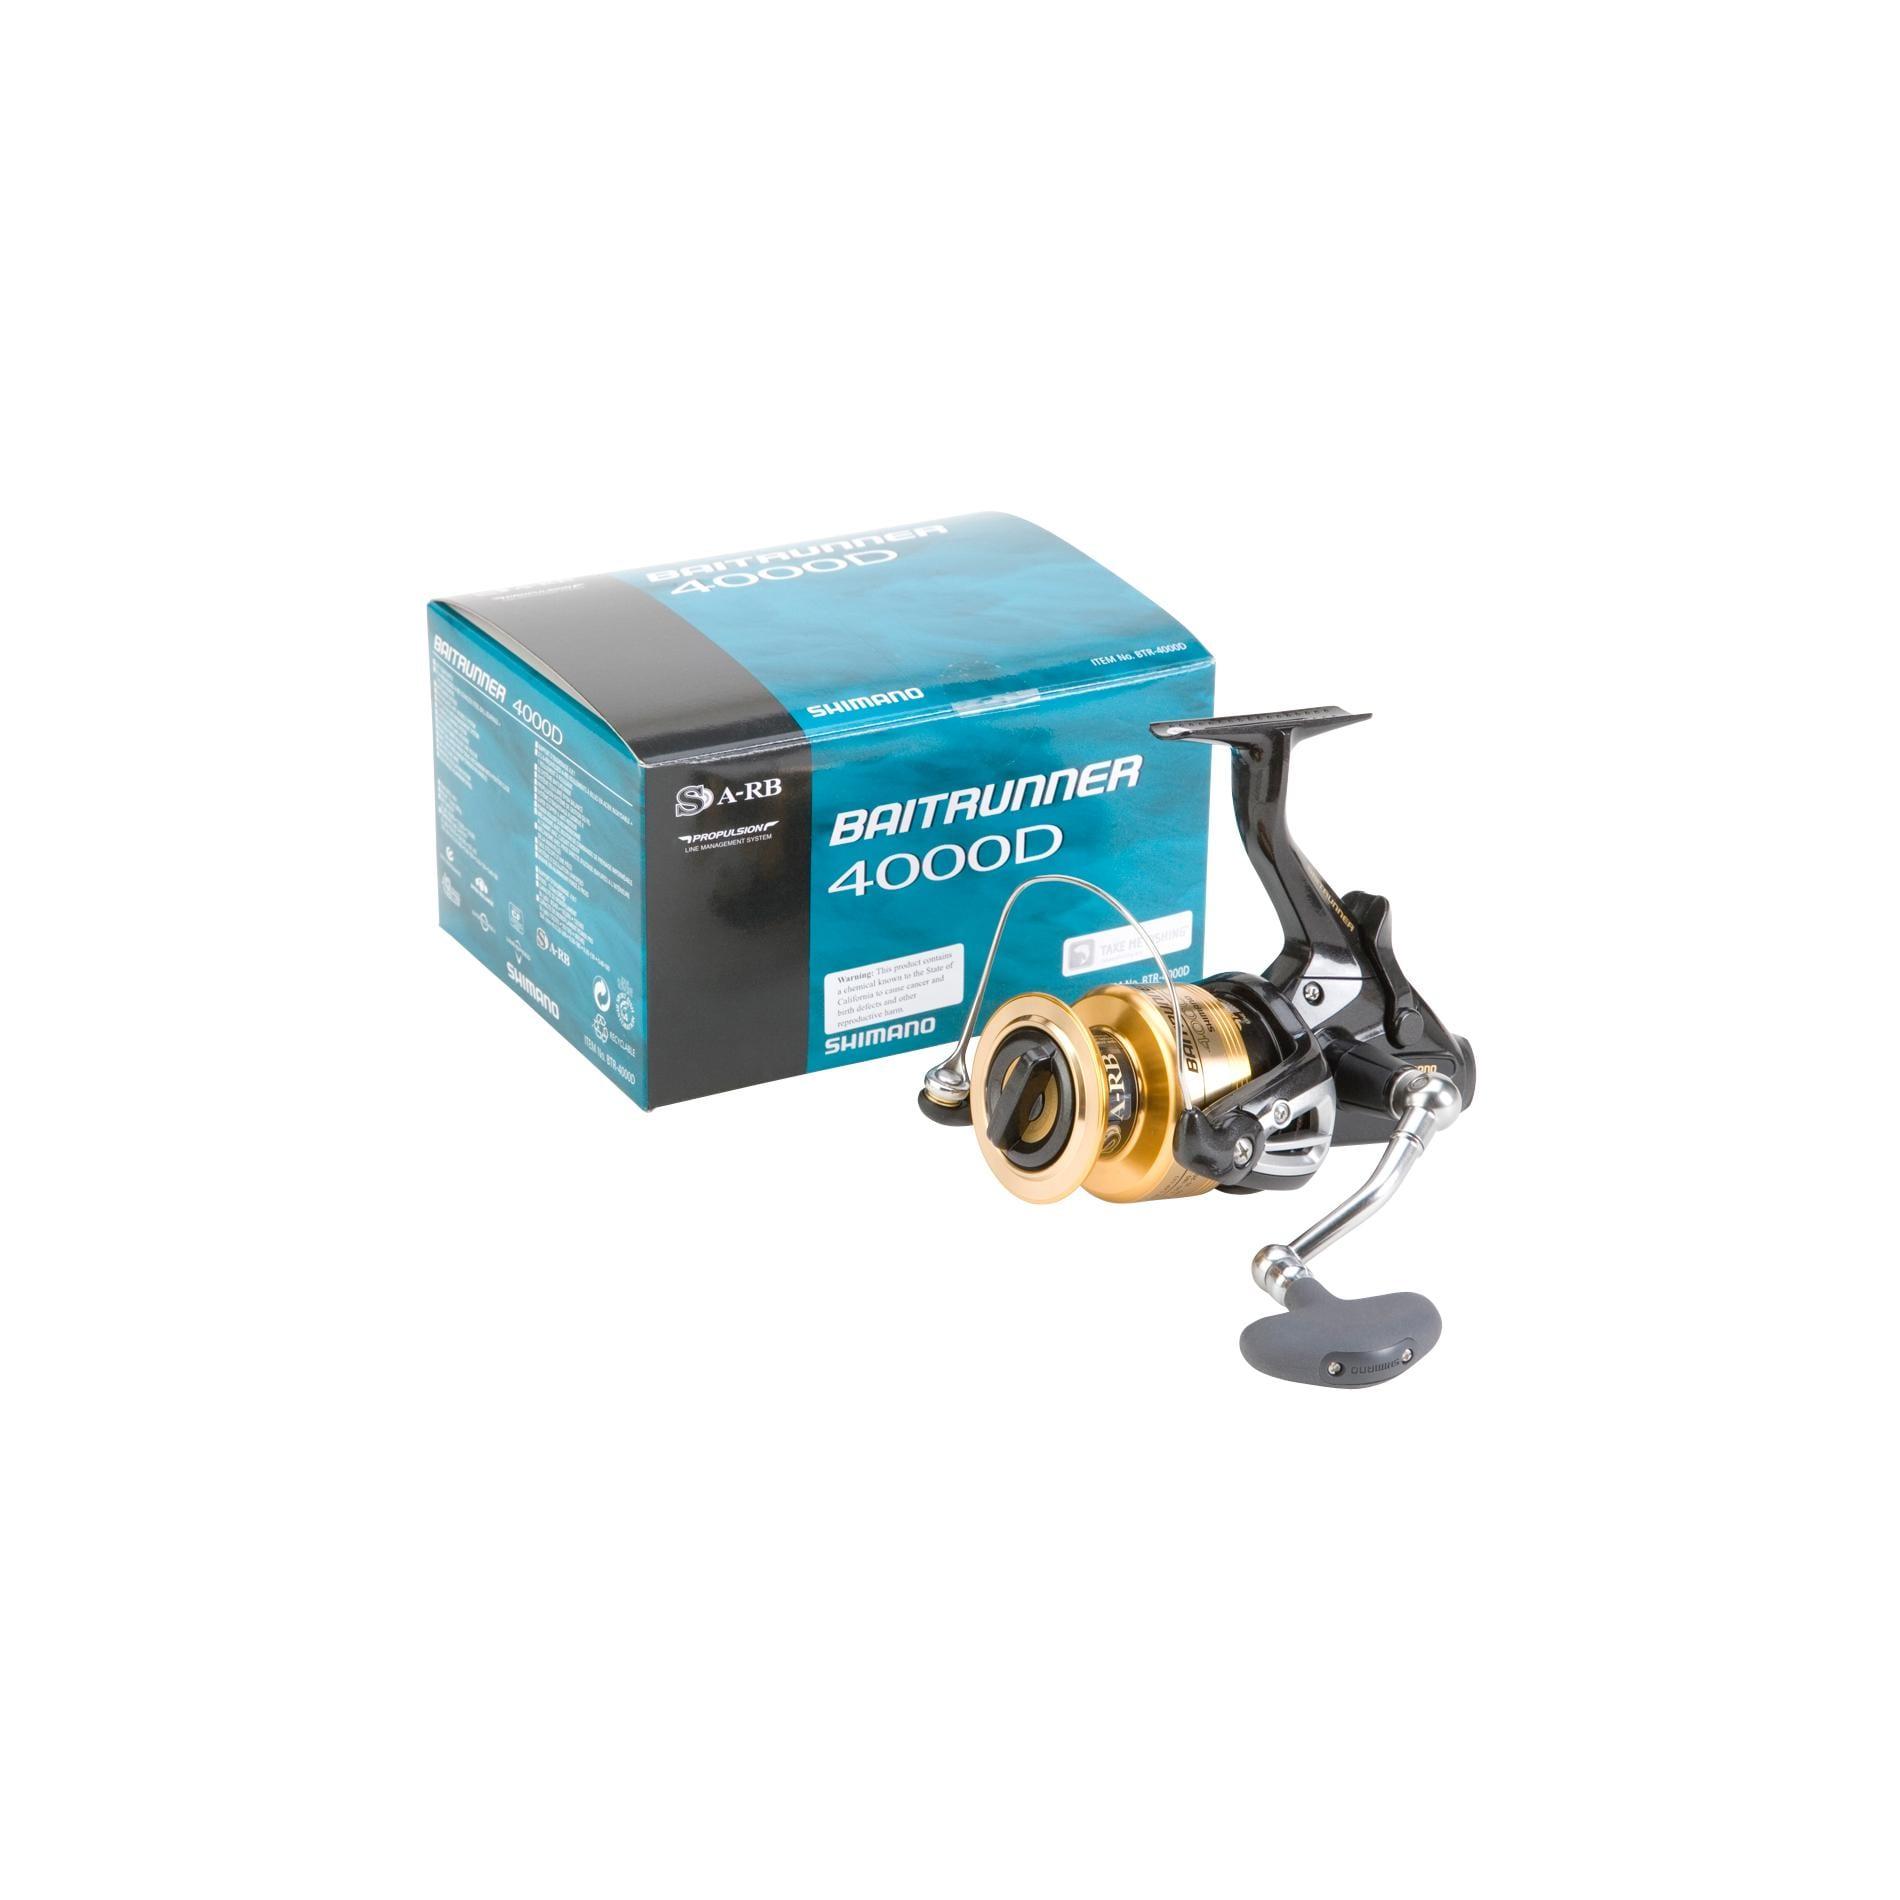 Shimano Baitrunner 4000D Spinning Reel